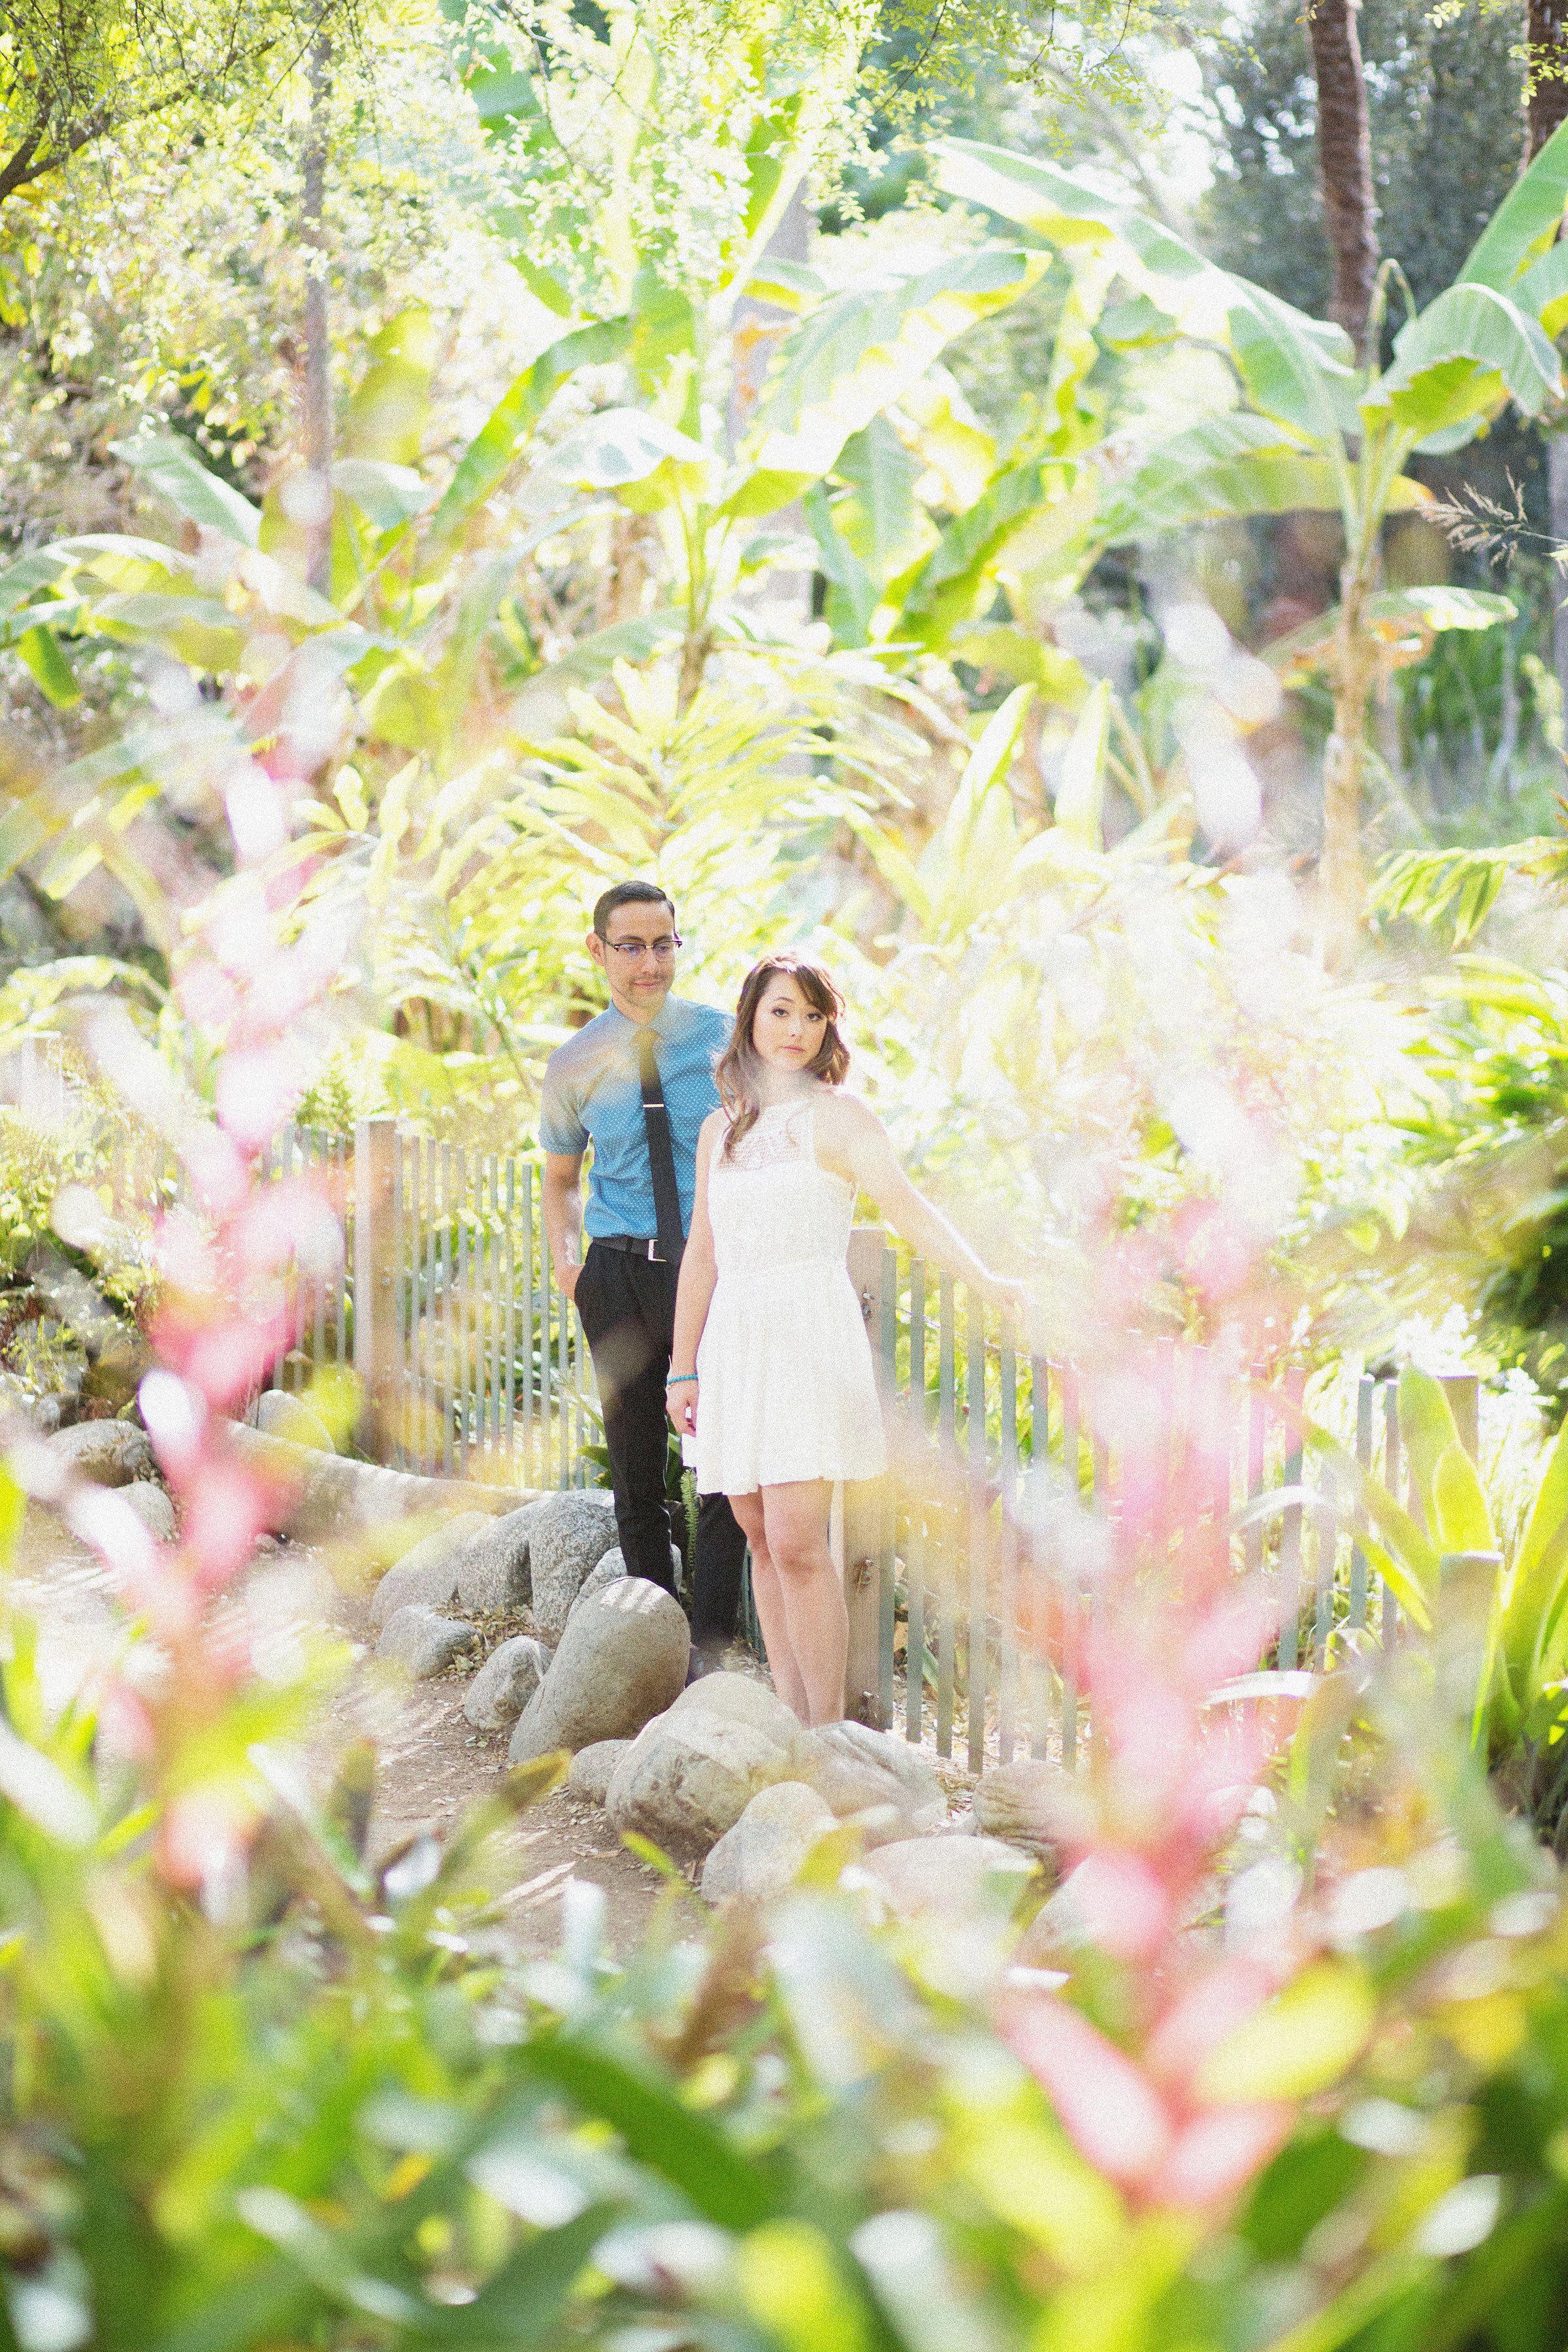 UCLA Botanical Garden, Westwood Engagement Photo Los